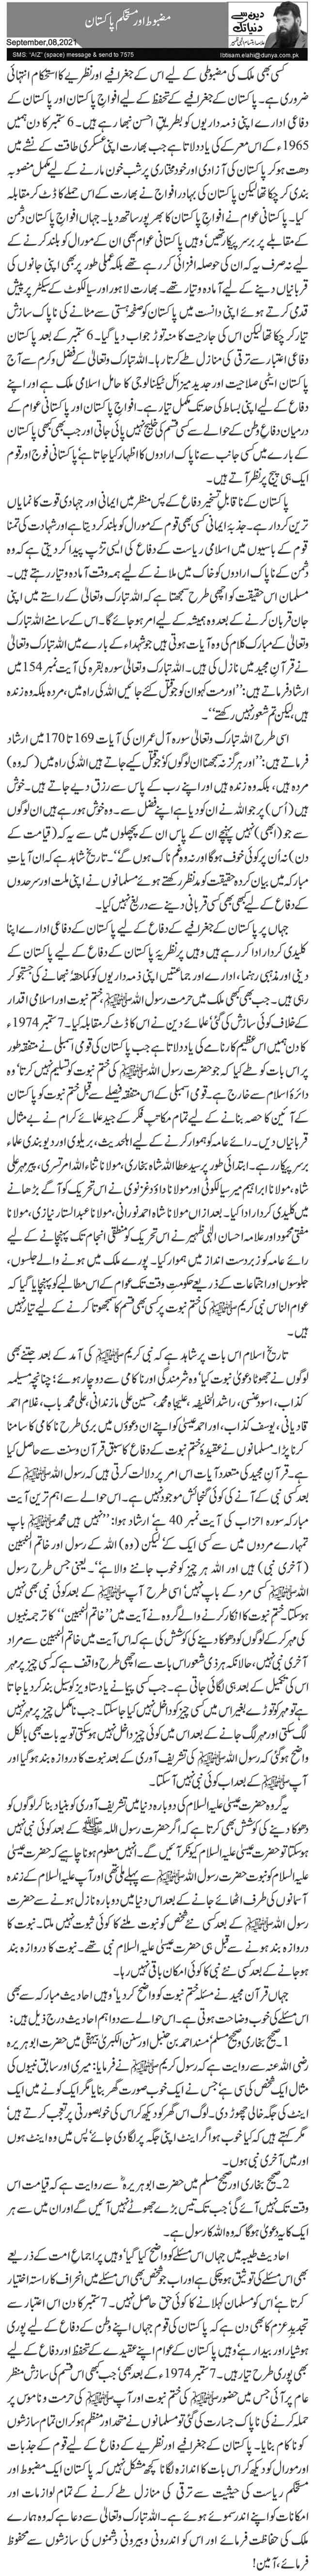 مضبوط اور مستحکم پاکستان